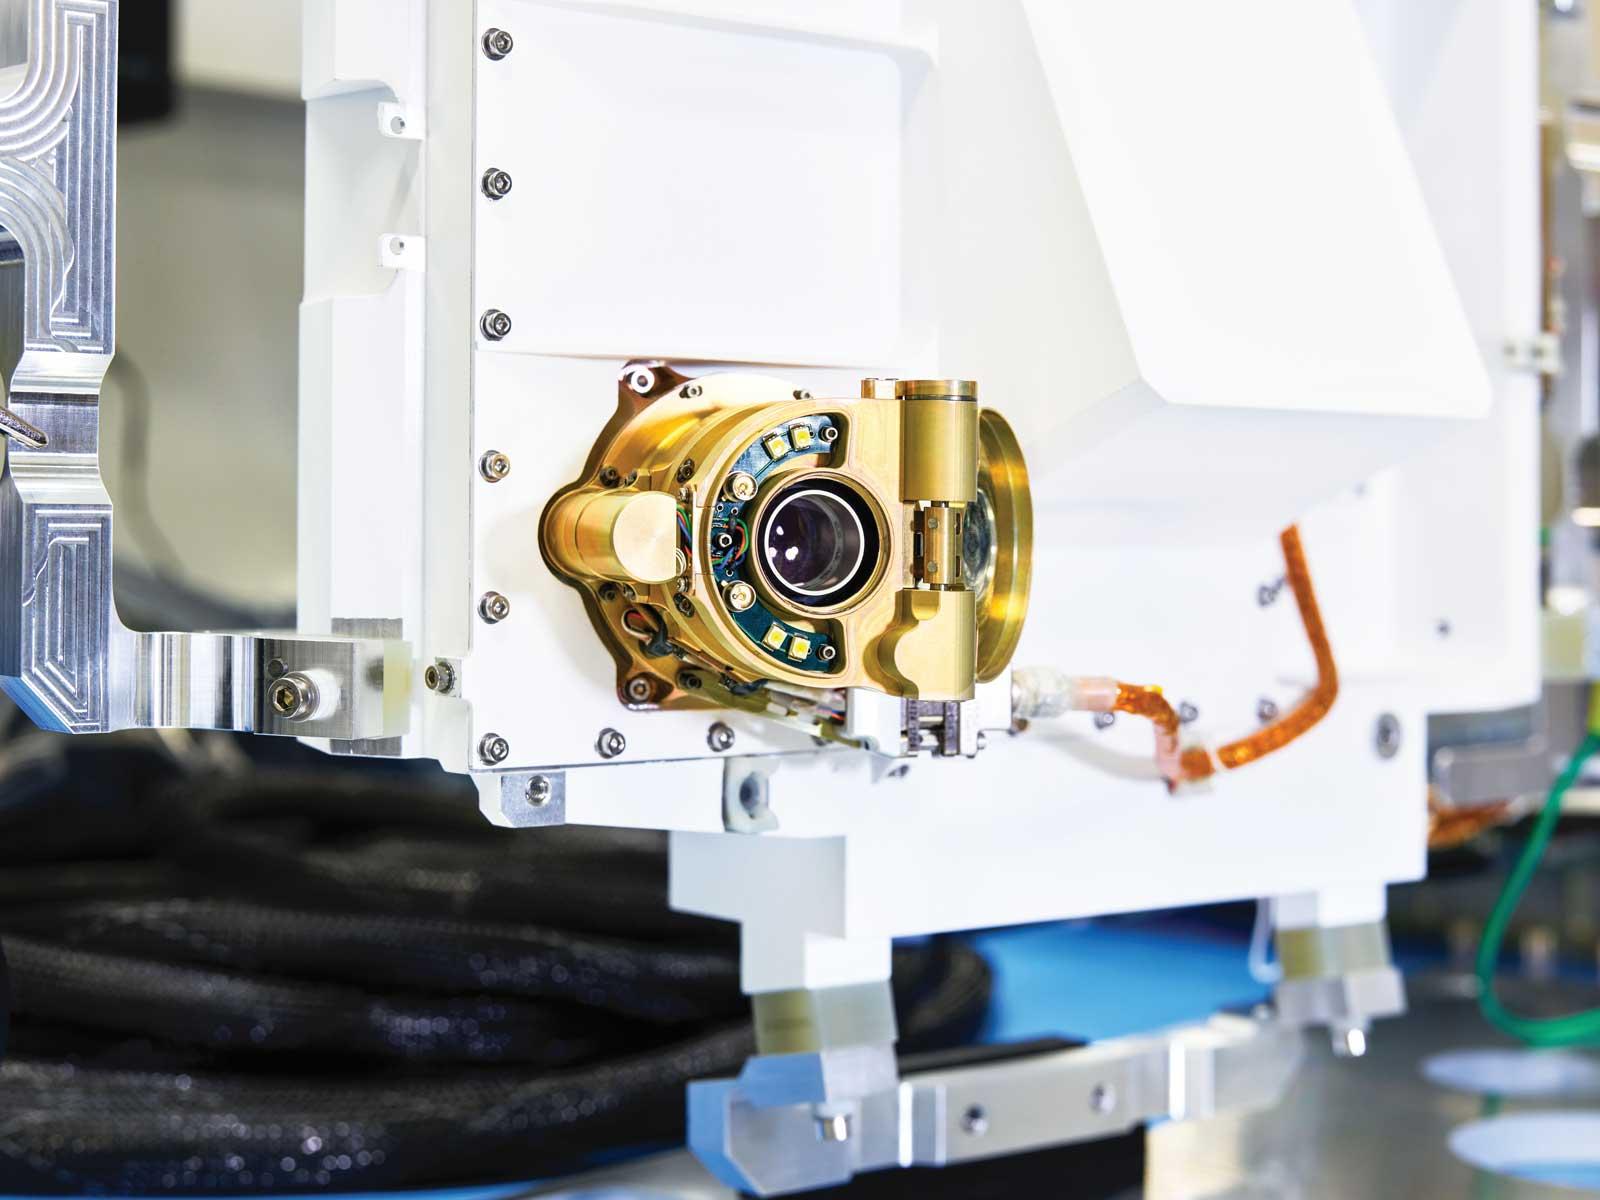 Mars 2020's SHERLOC Instrument